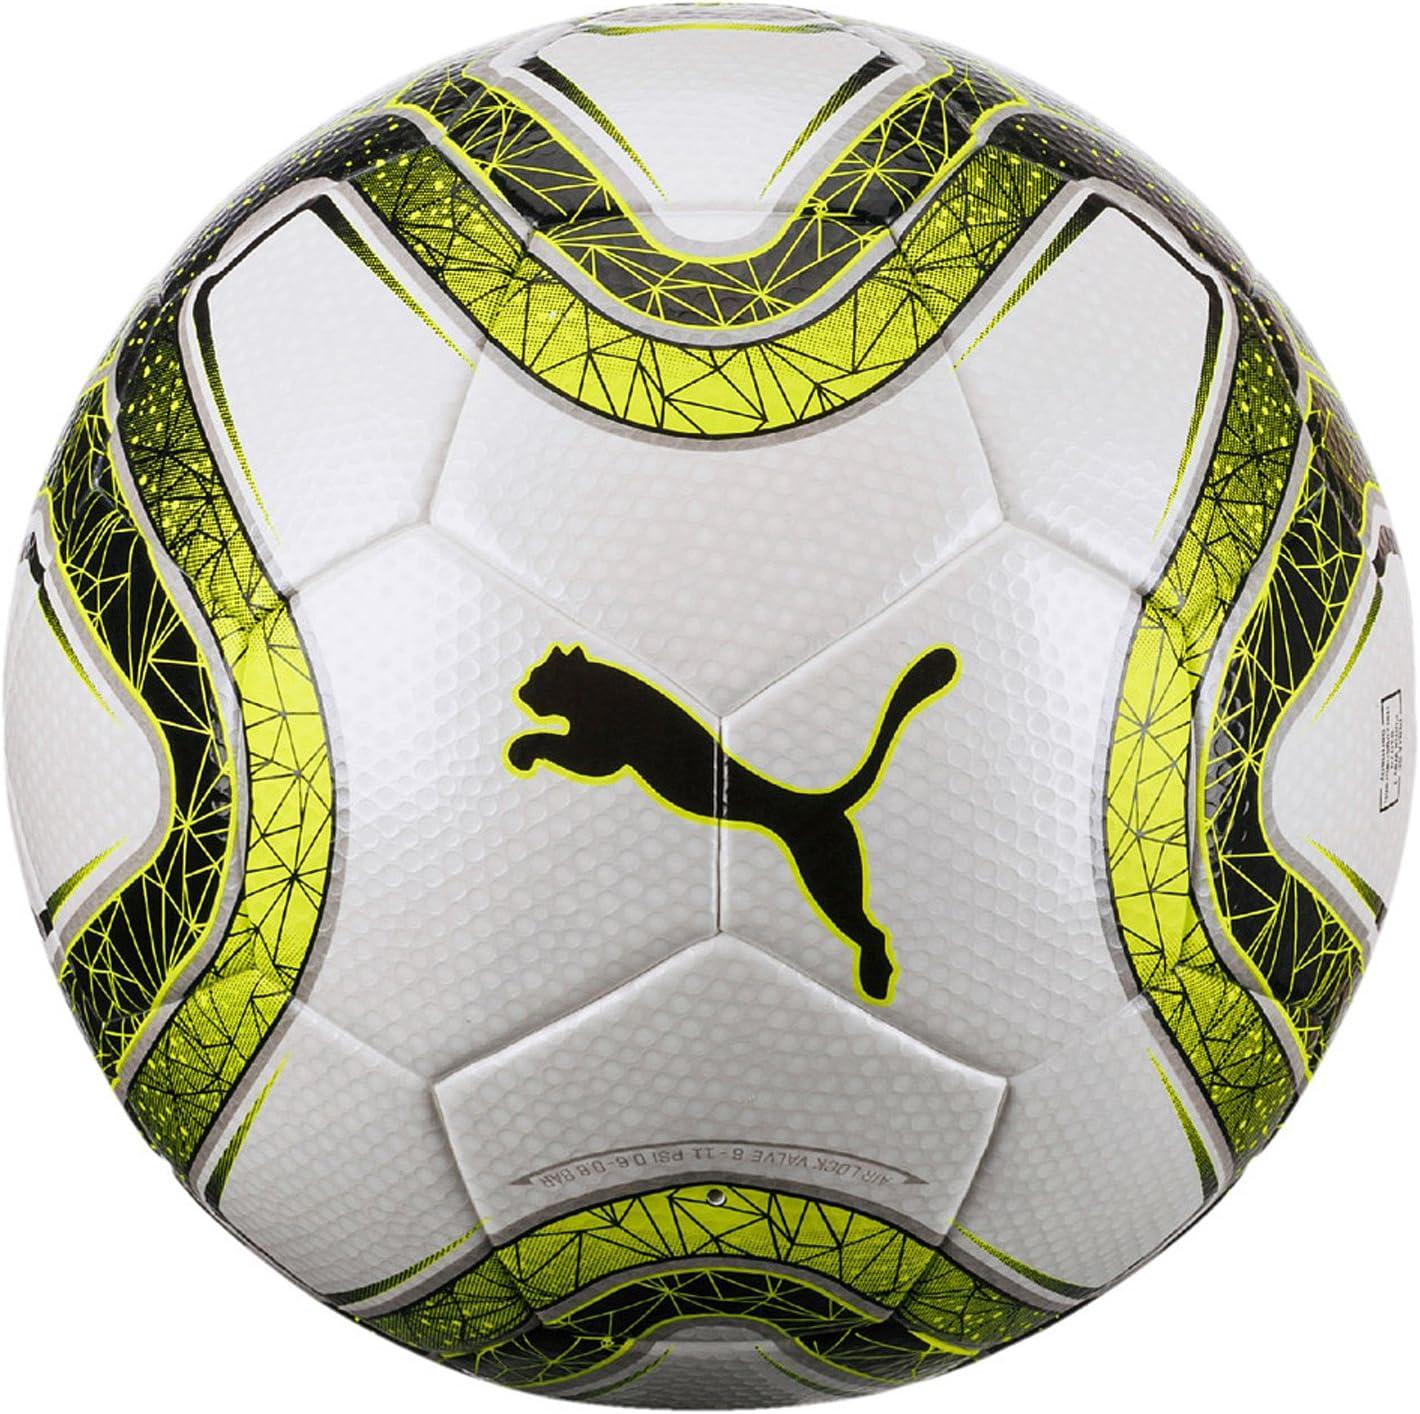 Puma Final 3 Tournament (FIFA Quality) Balón de Fútbol, Puma White ...